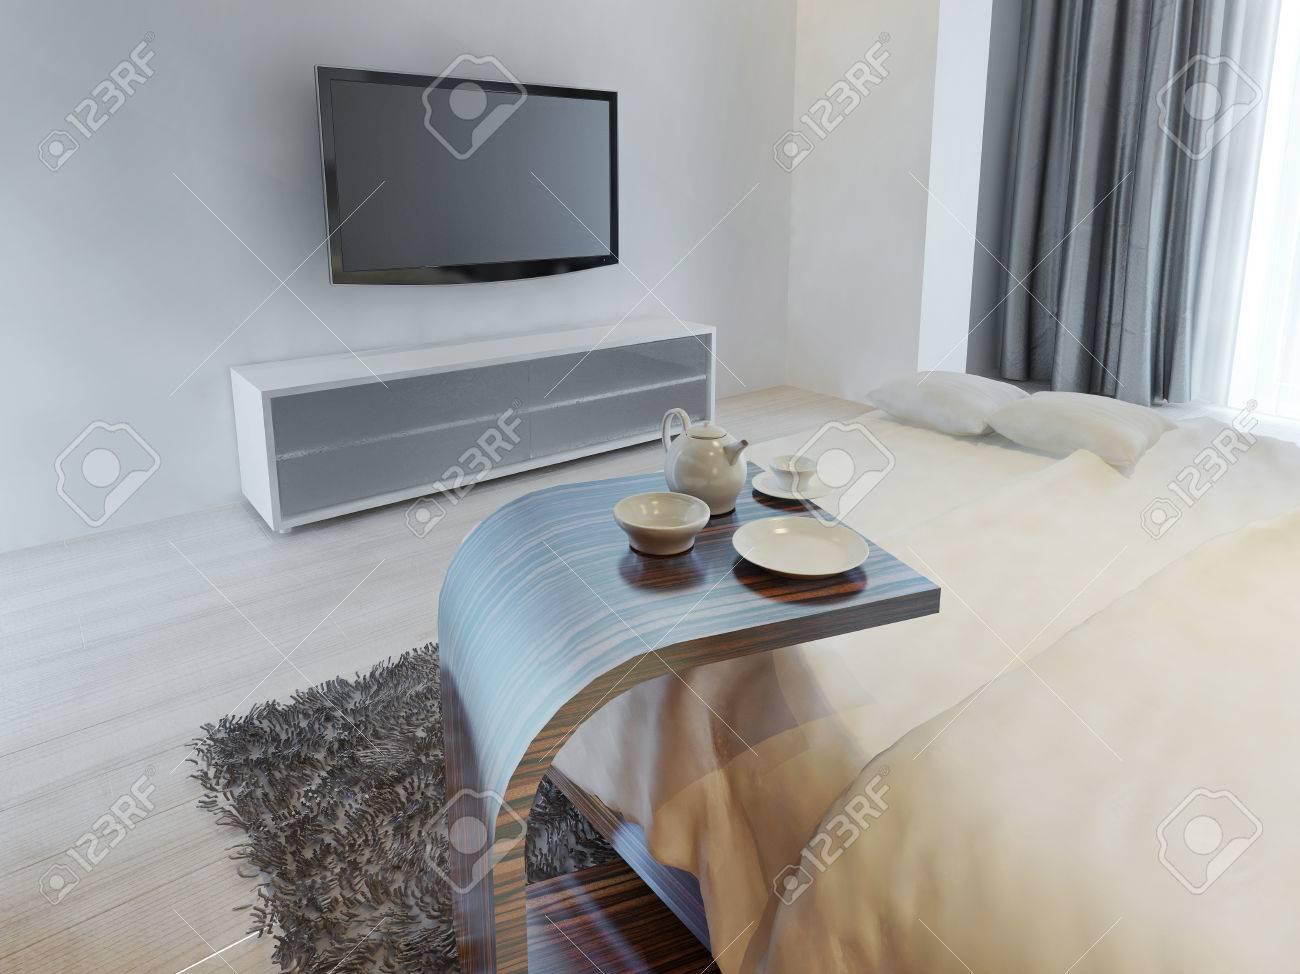 Tavolino laterale accanto al letto in stile contemporaneo con servizio di  caffè. Camera da letto con console tv in colore bianco. 3D render.